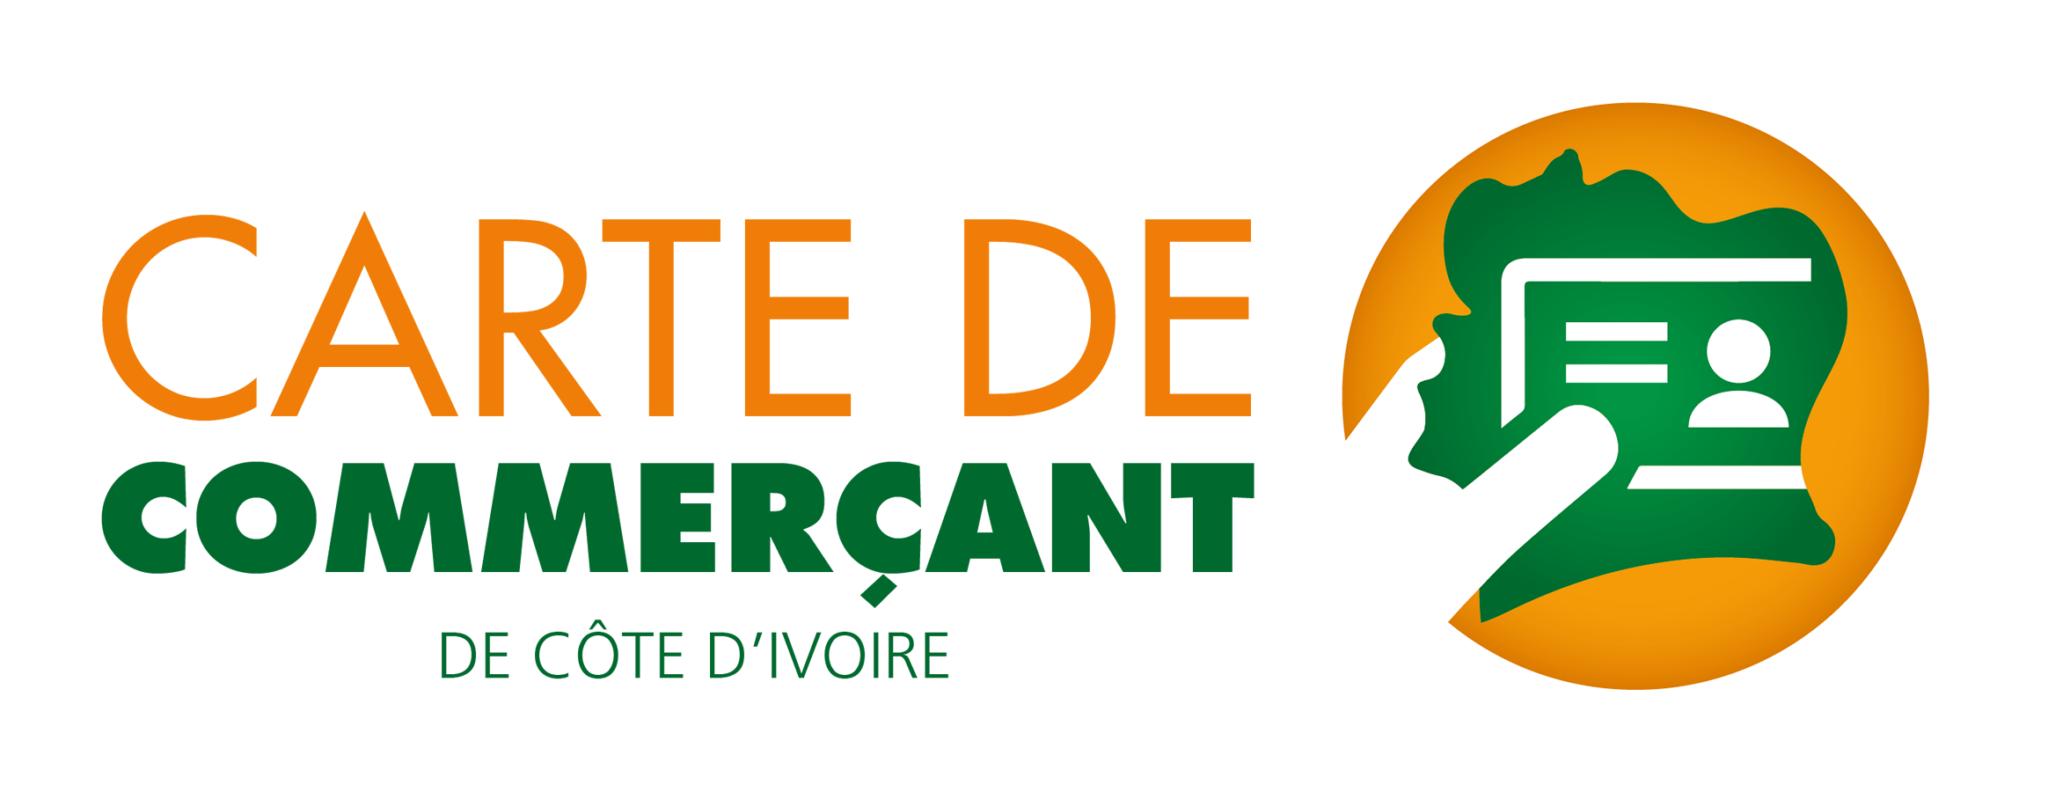 Carte de Commerçant de Côte d'Ivoire-logo